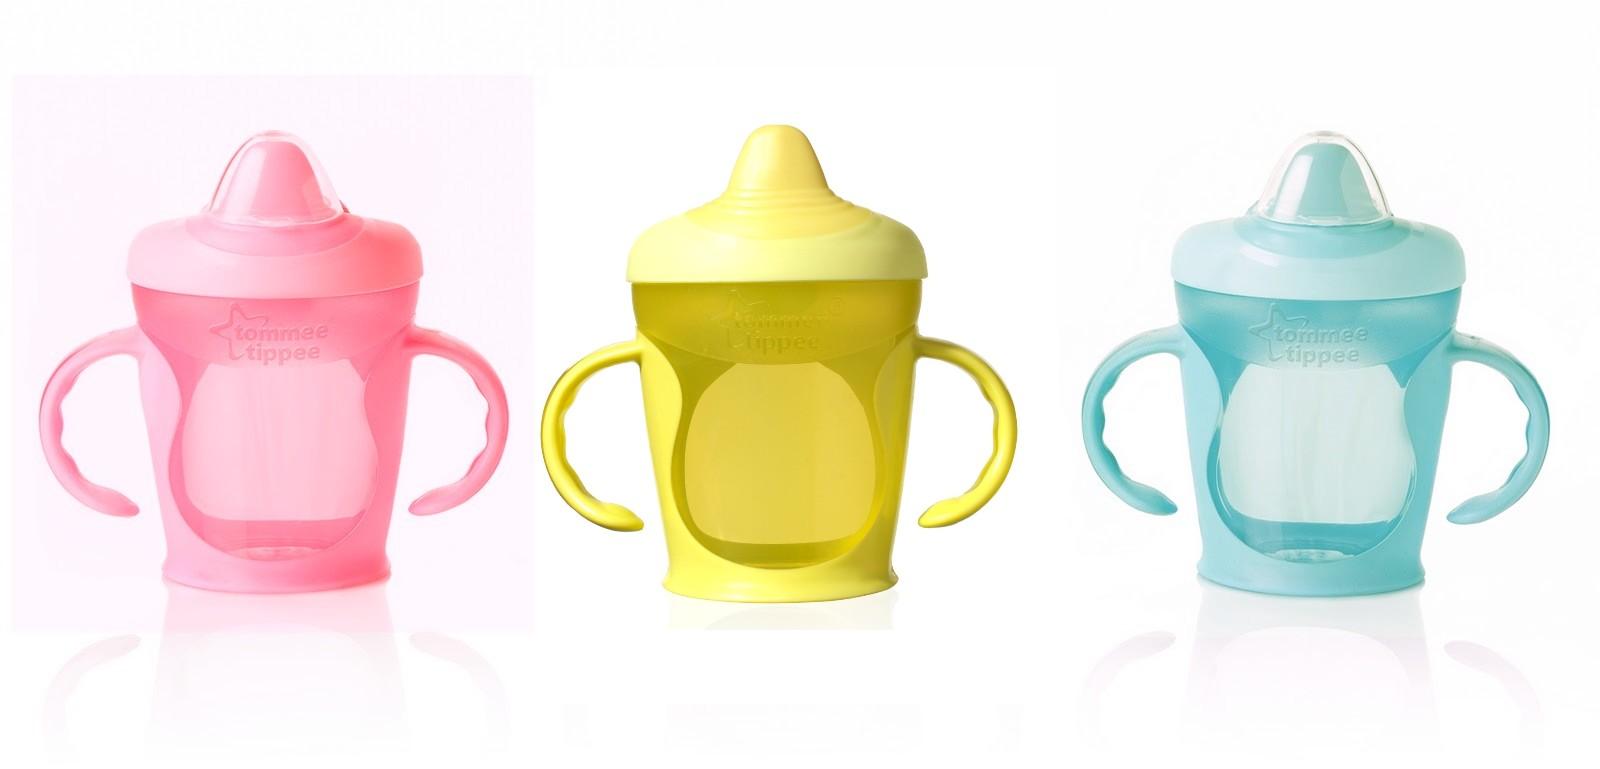 Tommee Tippee netekoucí hrneček Explora s držadly 260 ml barva: žlutý